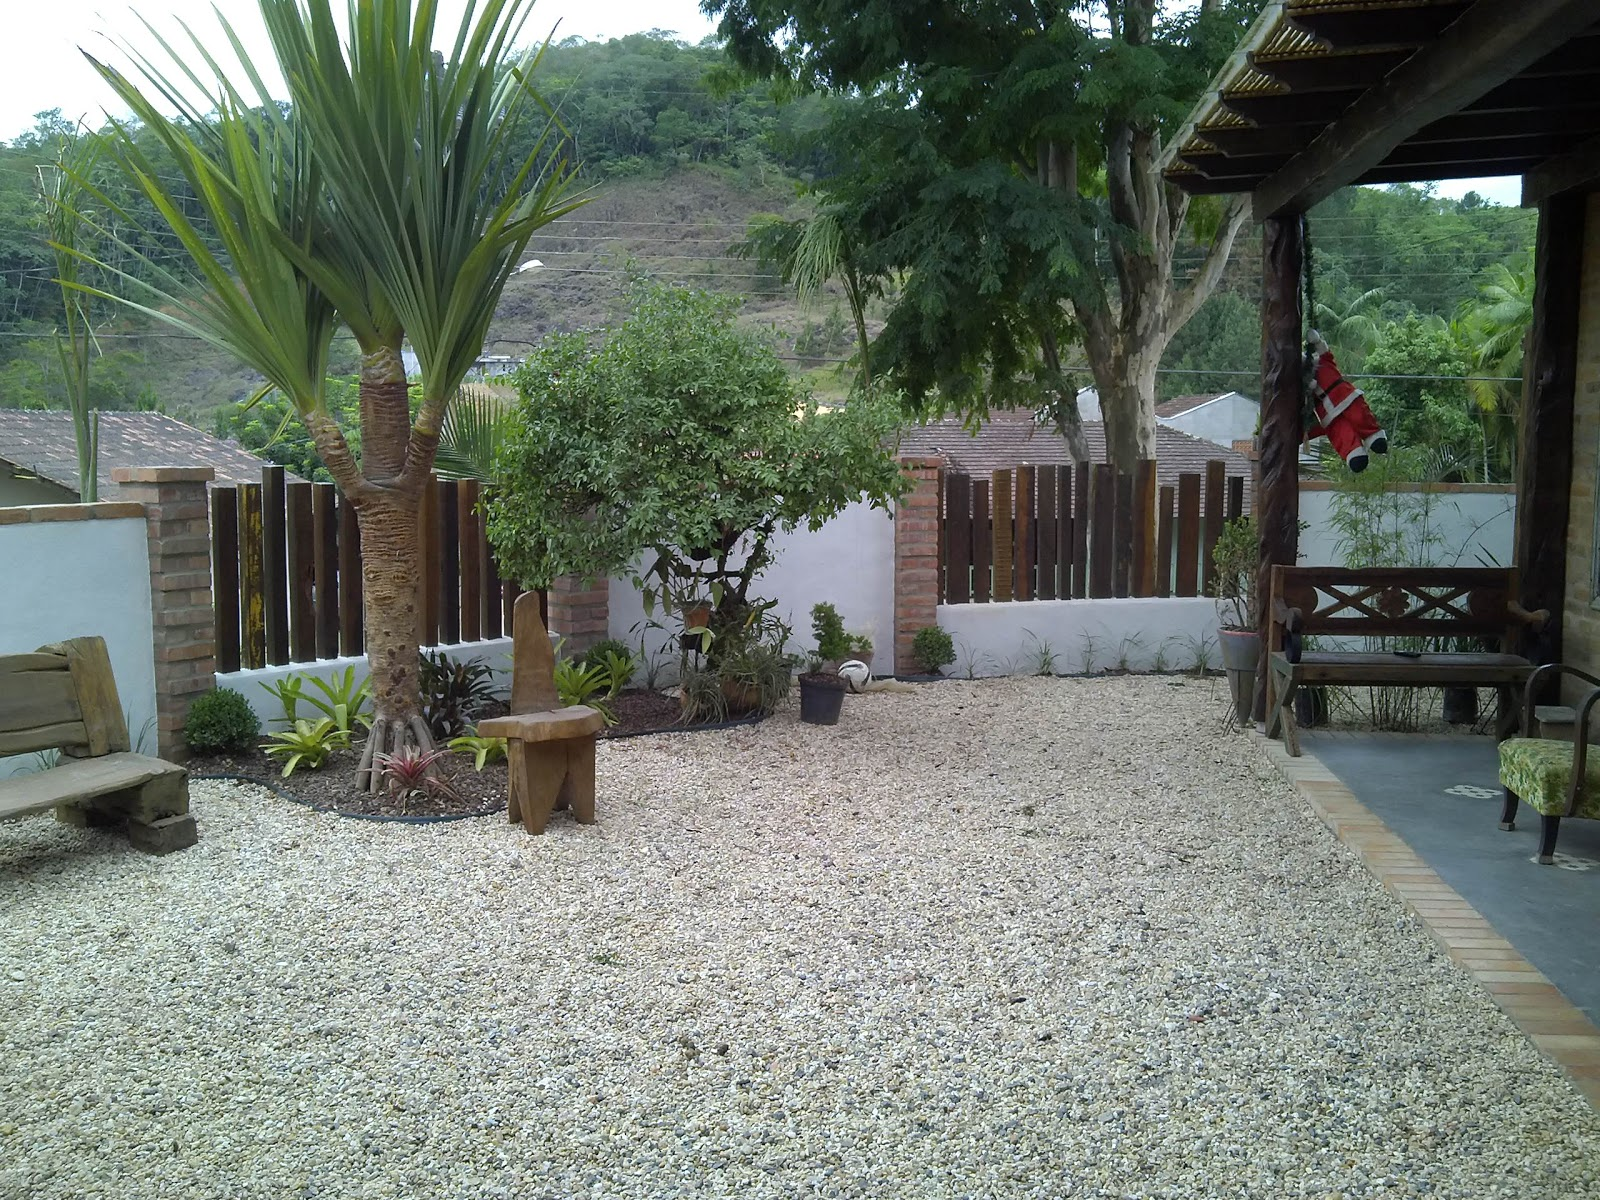 Jardim com muro bancos pergolado tudo em madeira de demolição. #606C49 1600x1200